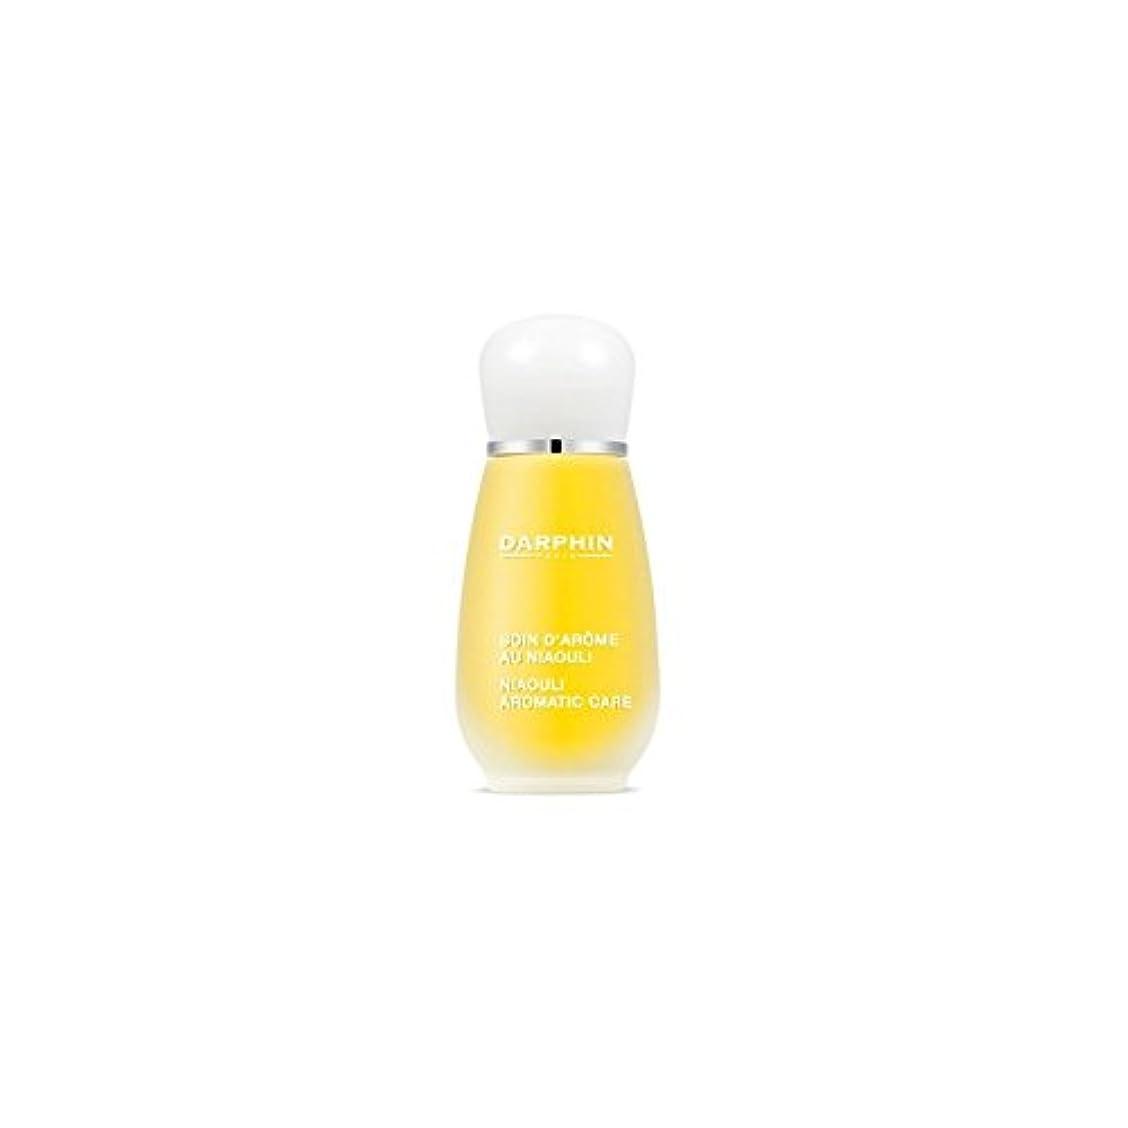 従順要旨平等Darphin Niaouli Aromatic Care (15ml) (Pack of 6) - ダルファンニアウリ芳香ケア(15ミリリットル) x6 [並行輸入品]